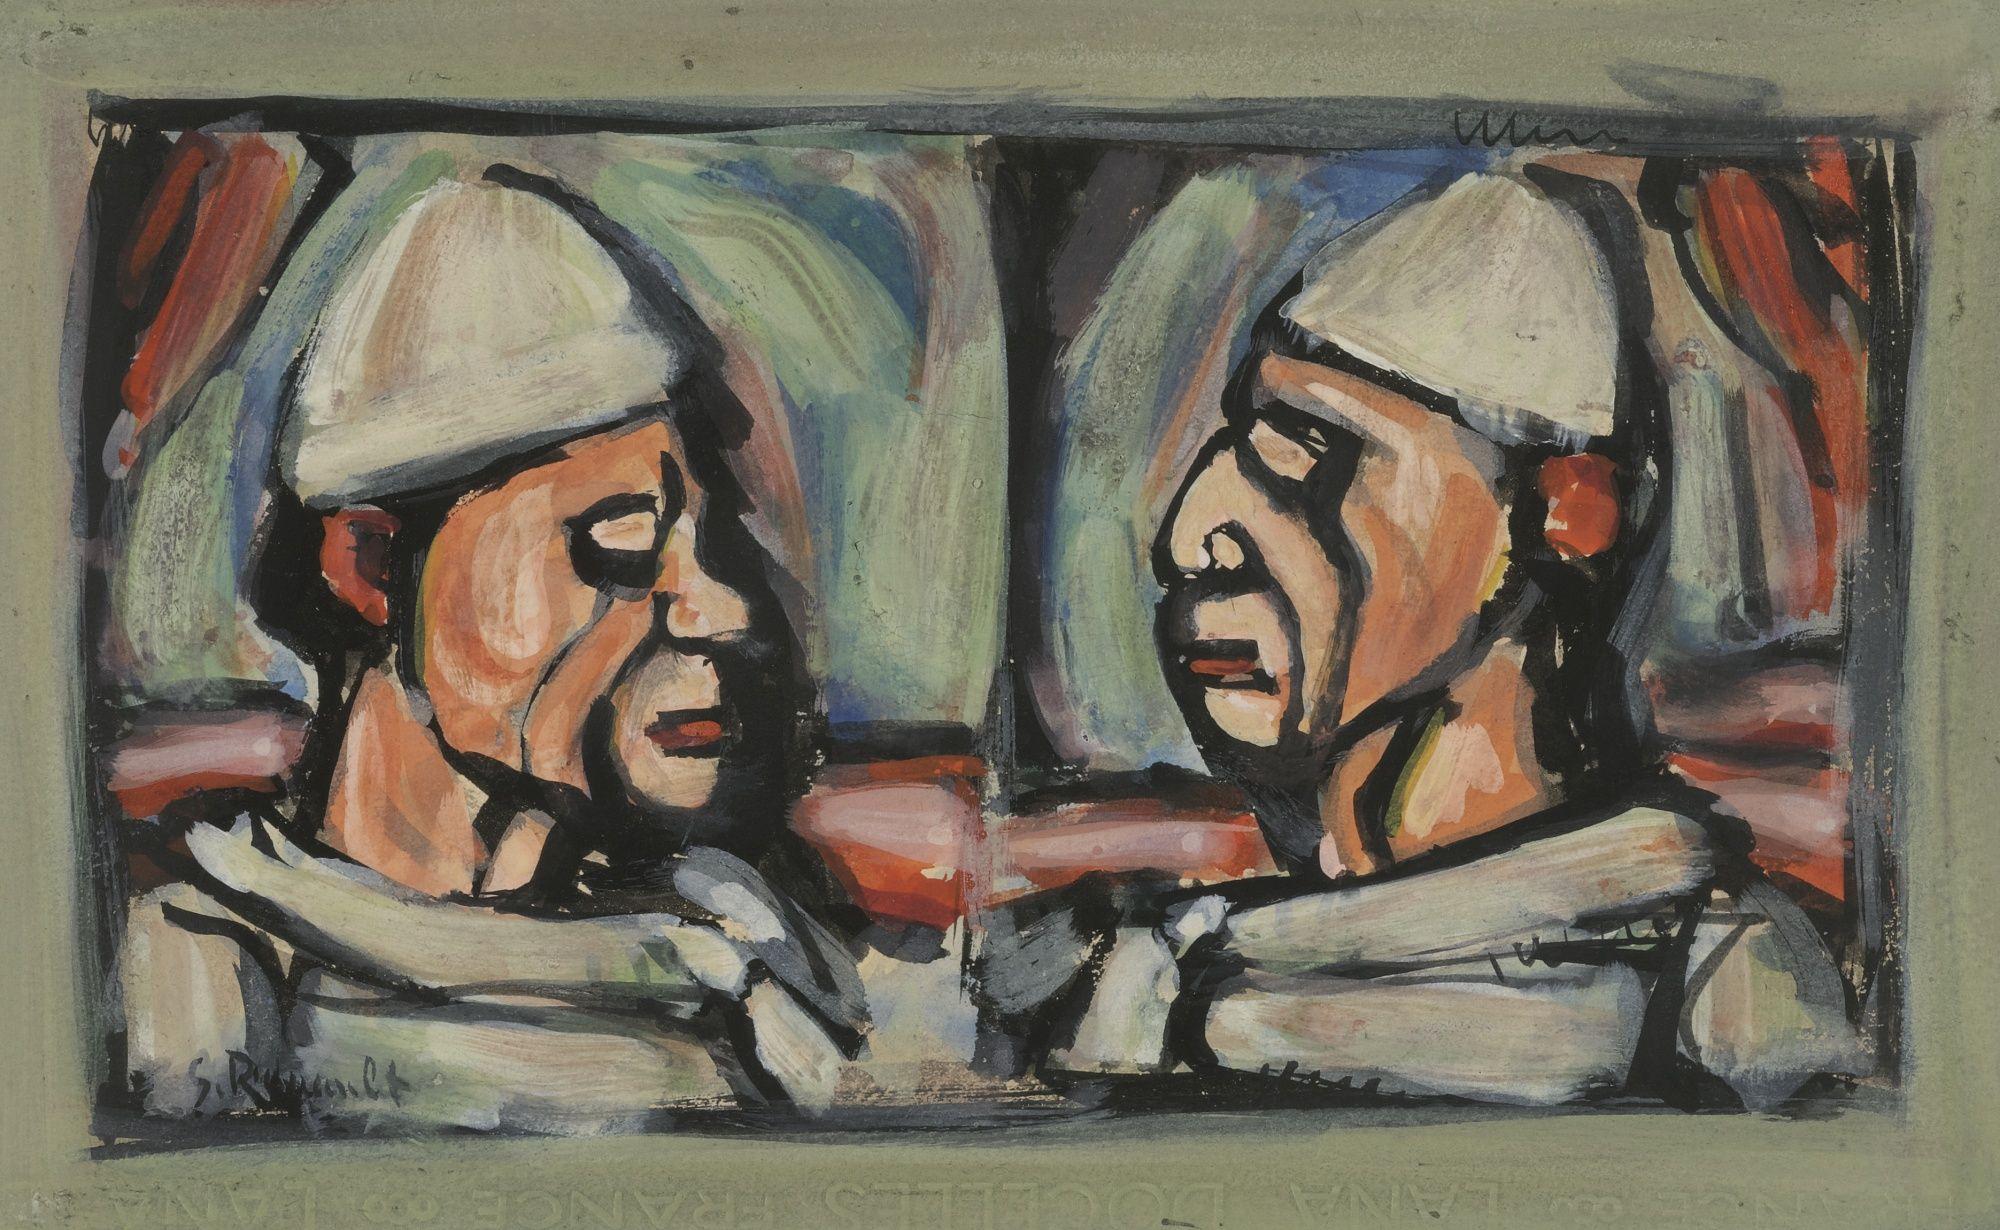 Lot | Sotheby's Georges Rouault 1871 - 1958 Deux Clowns En intérieur Etoil Clown